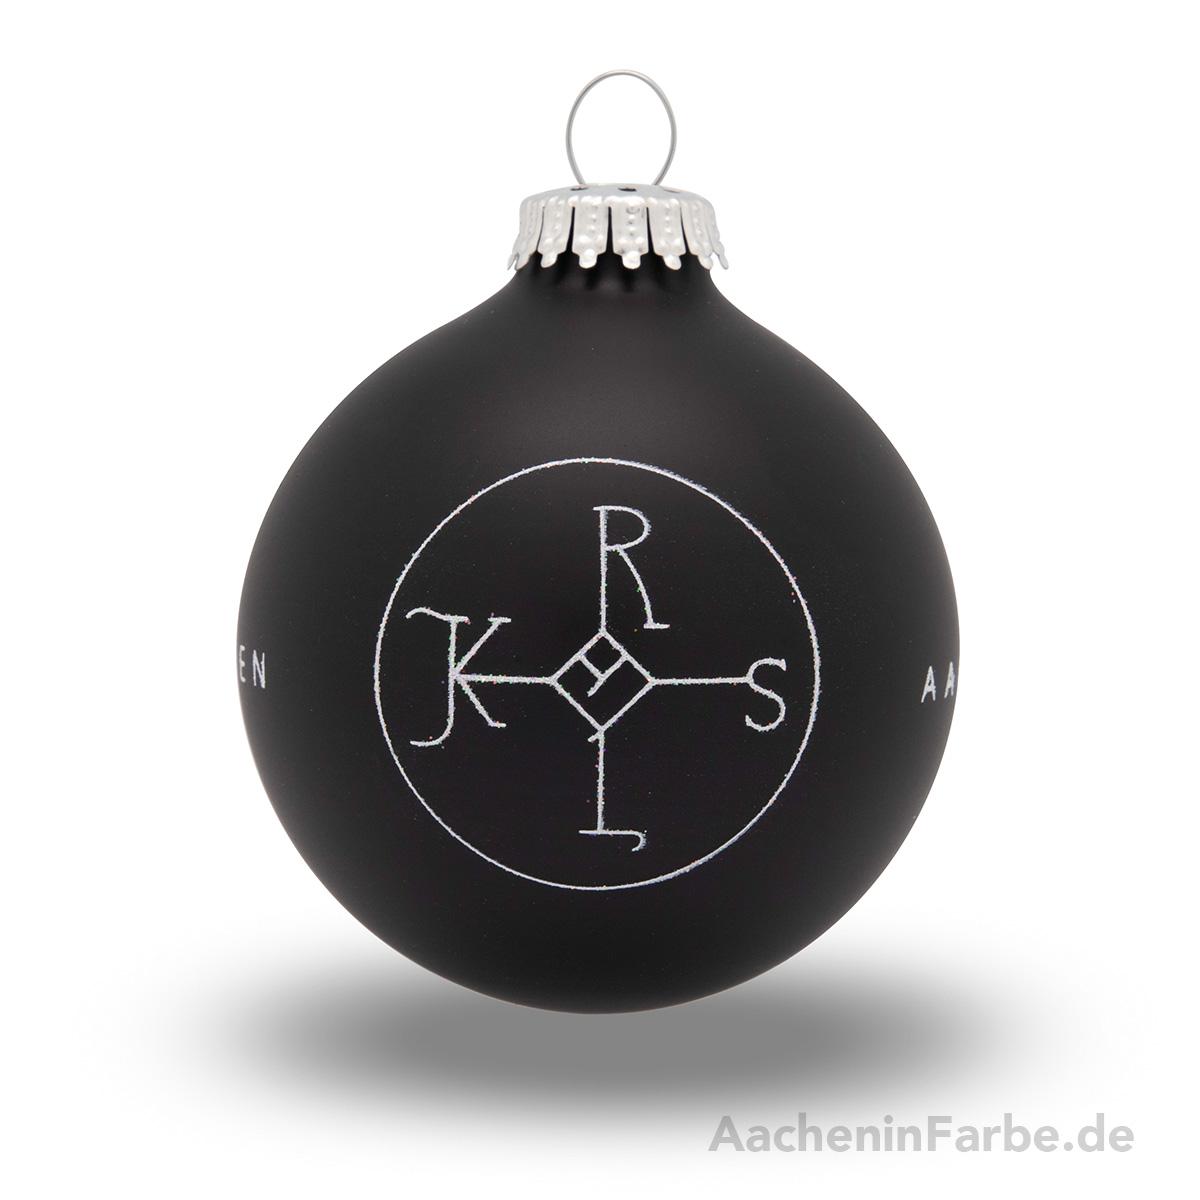 """Christbaumkugel """"Aachen Karlssiegel"""", schwarz"""